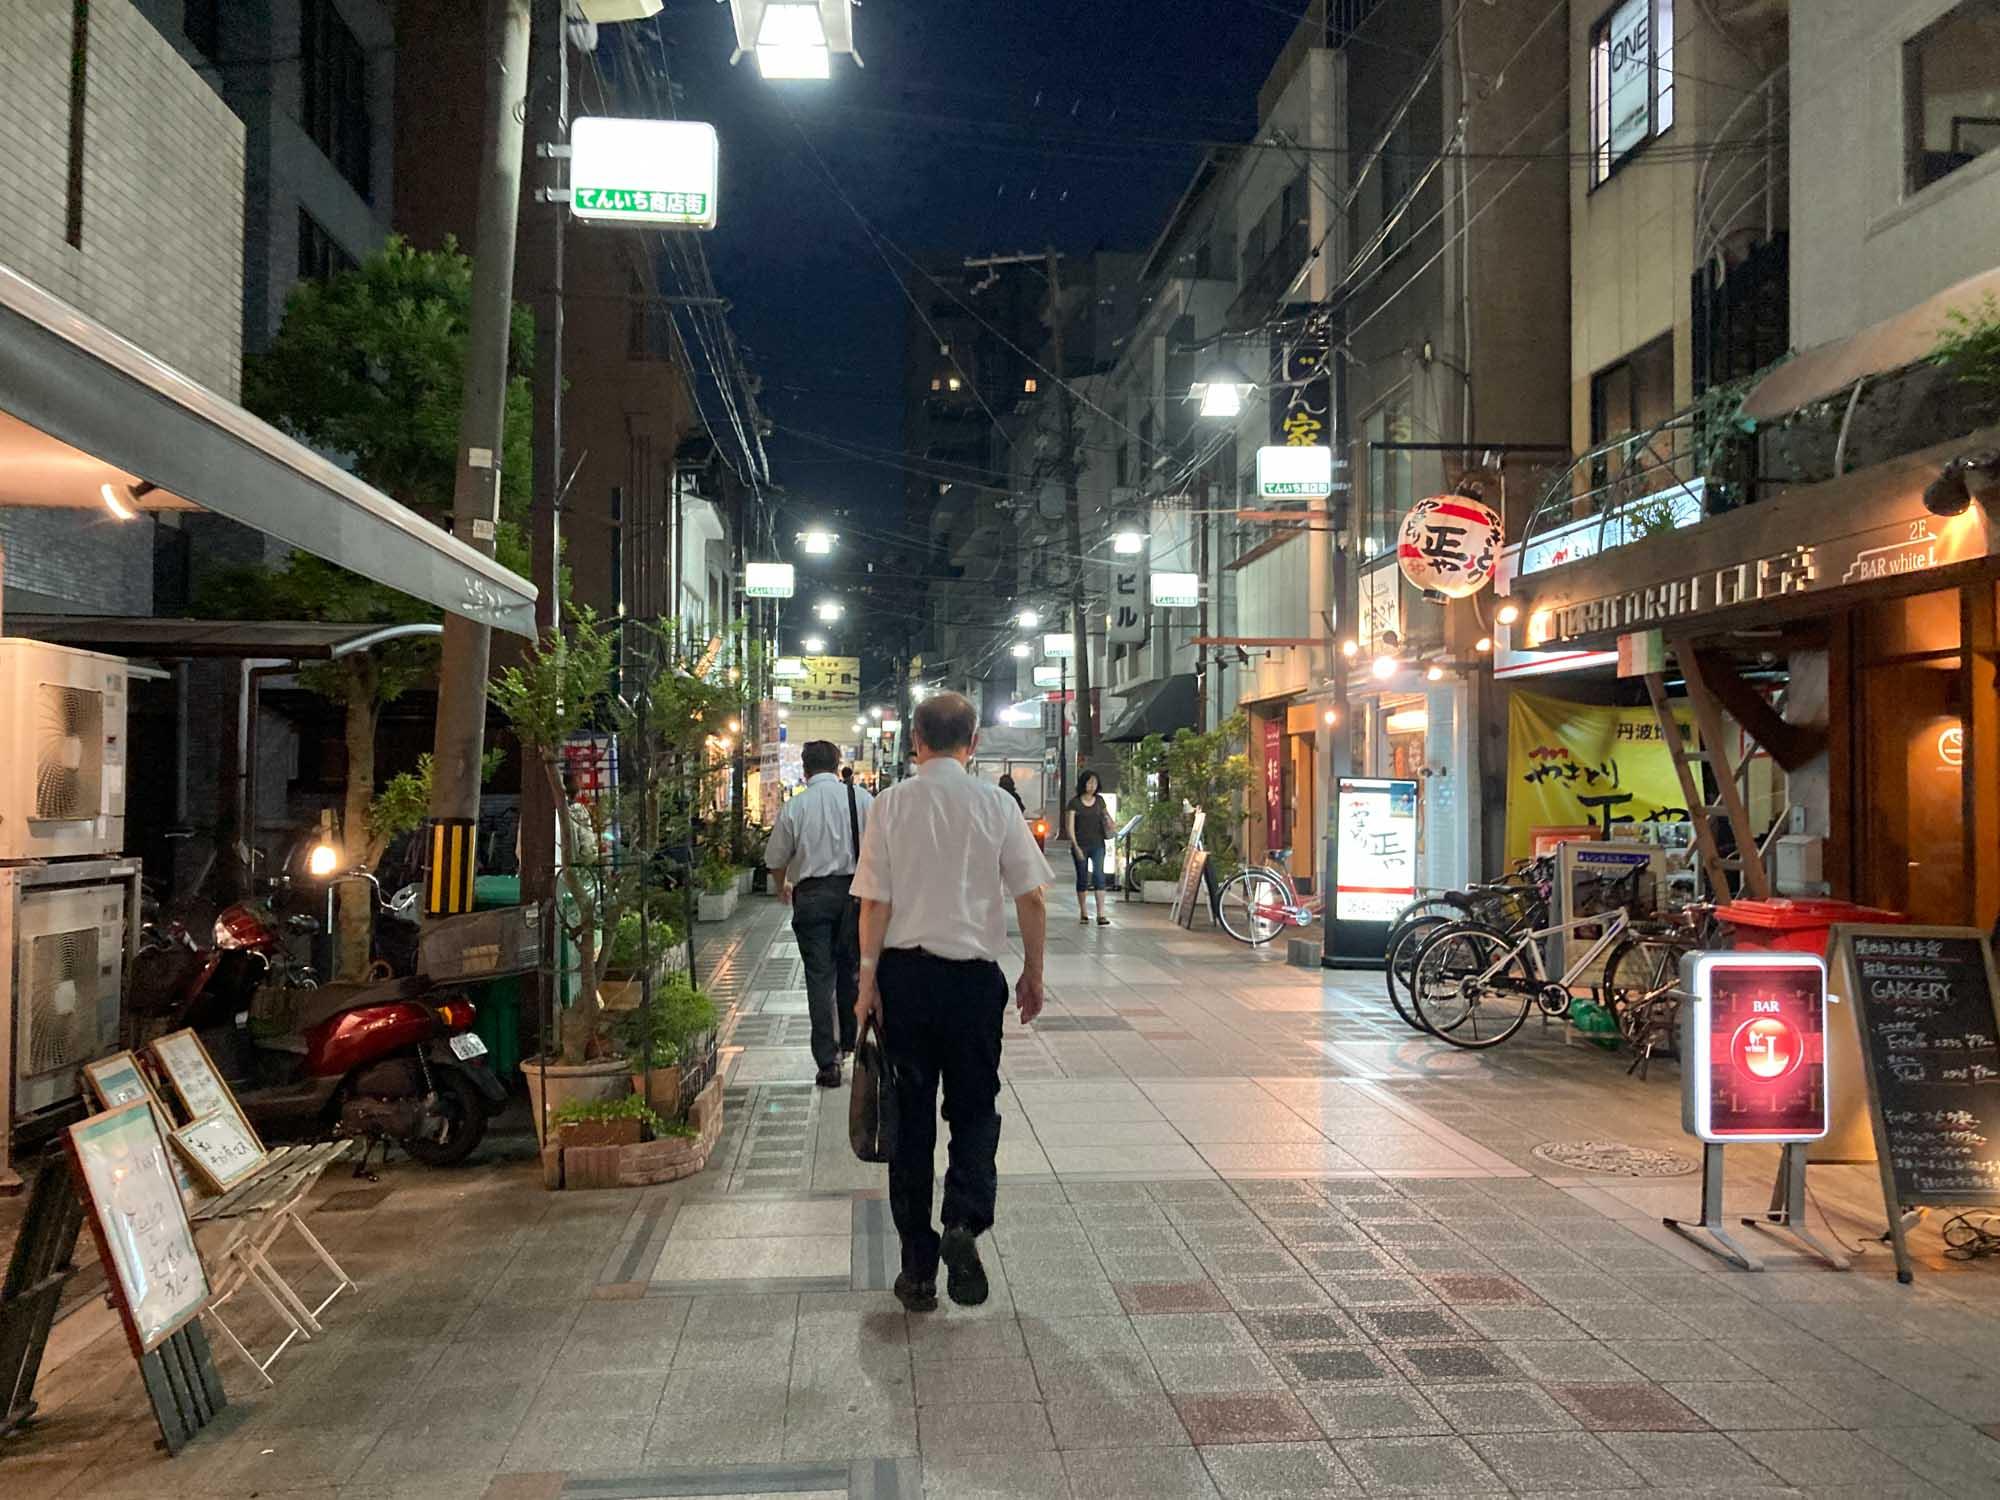 夜でも程よく人通りがあって、それでいてガヤガヤしていない。ほっとする商店街です。